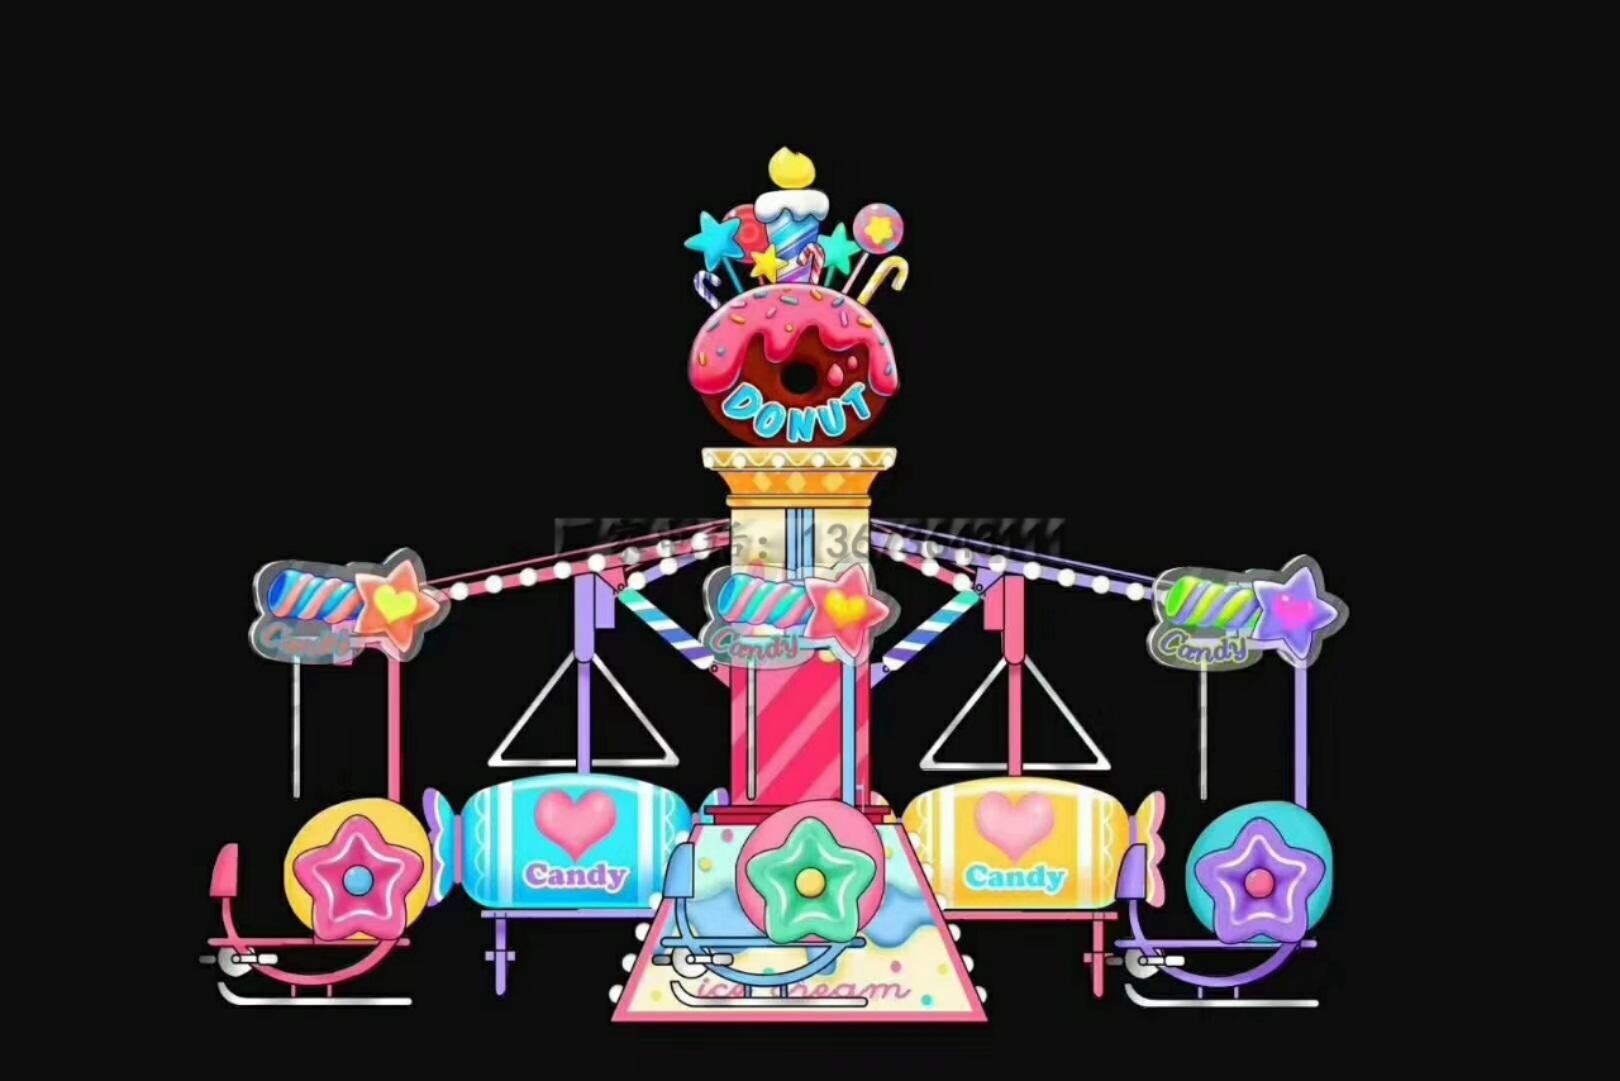 儿童游乐场游乐设备西瓜飞椅_16座旋转水果飞椅_郑州大洋水果旋风示例图20